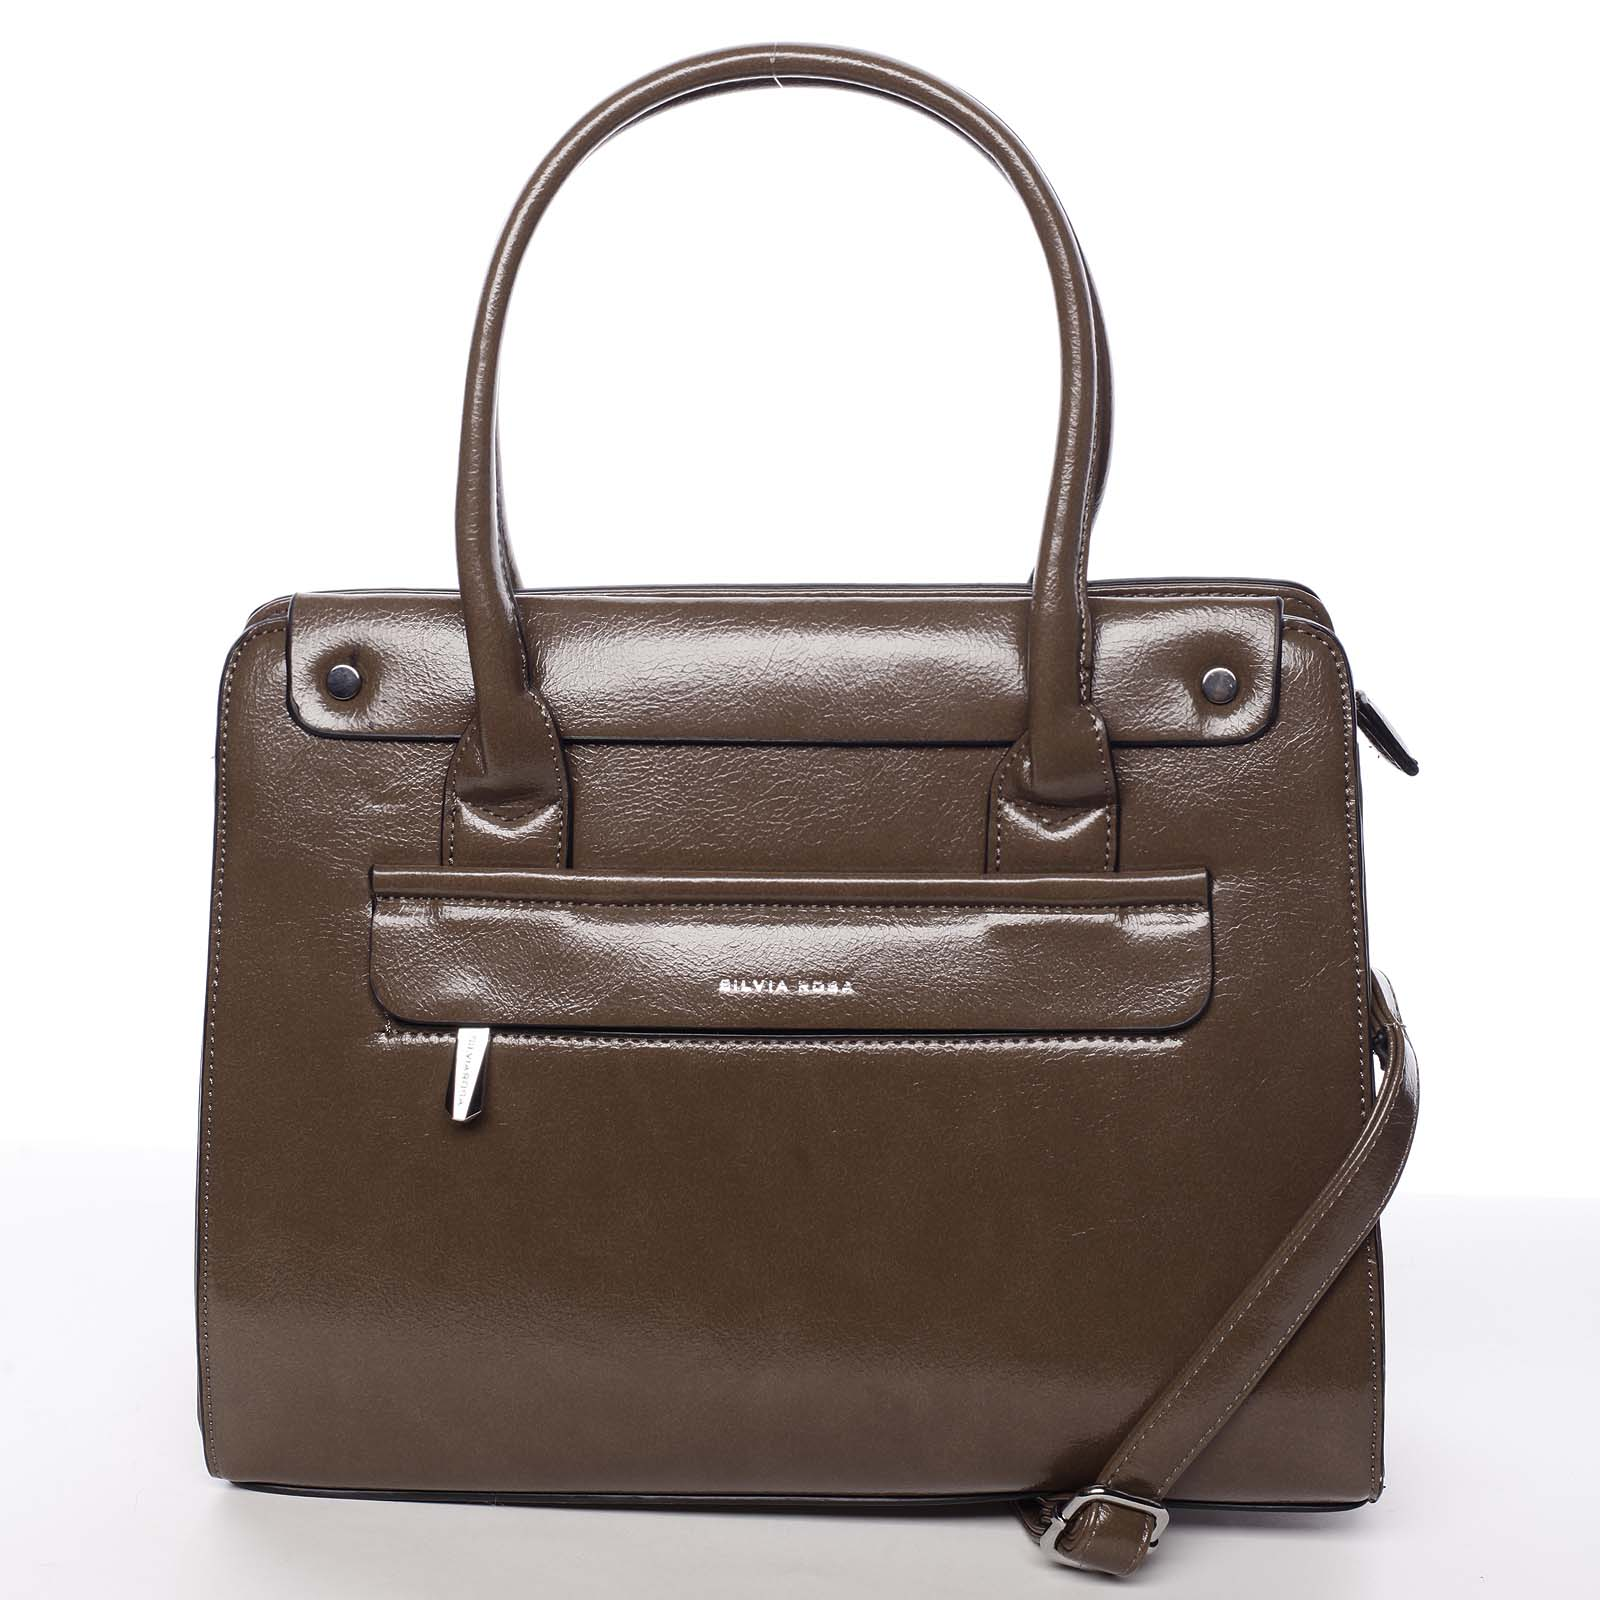 Elegantní pevná dámská kabelka do ruky tmavá taupe - Silvia Rosa Takeon